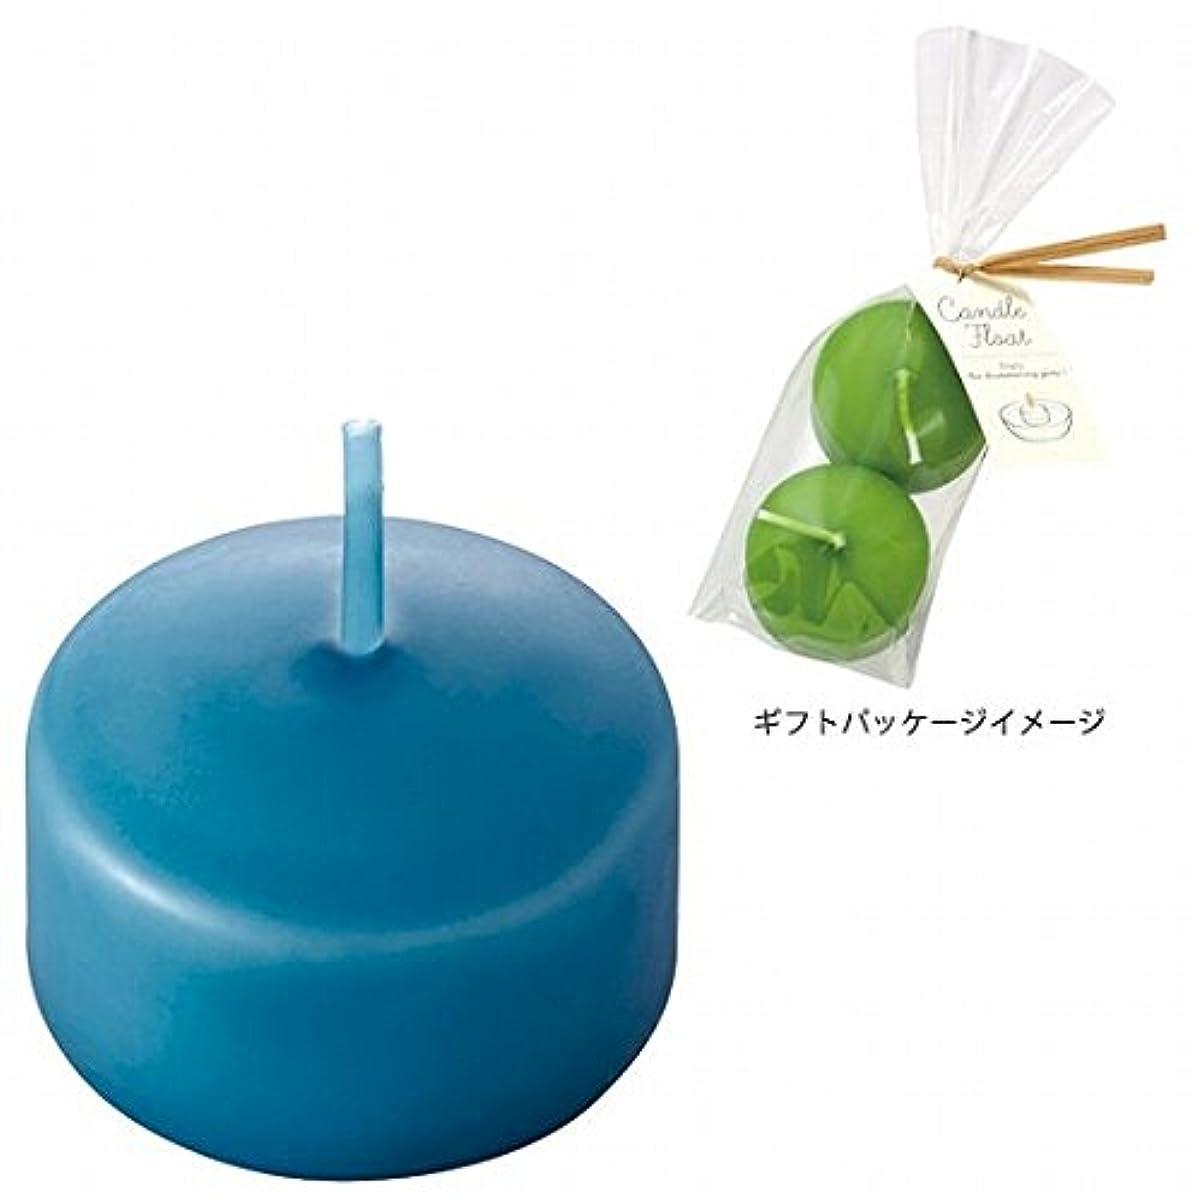 気怠い歌詞成長するカメヤマキャンドル(kameyama candle) ハッピープール(2個入り) キャンドル 「コバルトブルー」